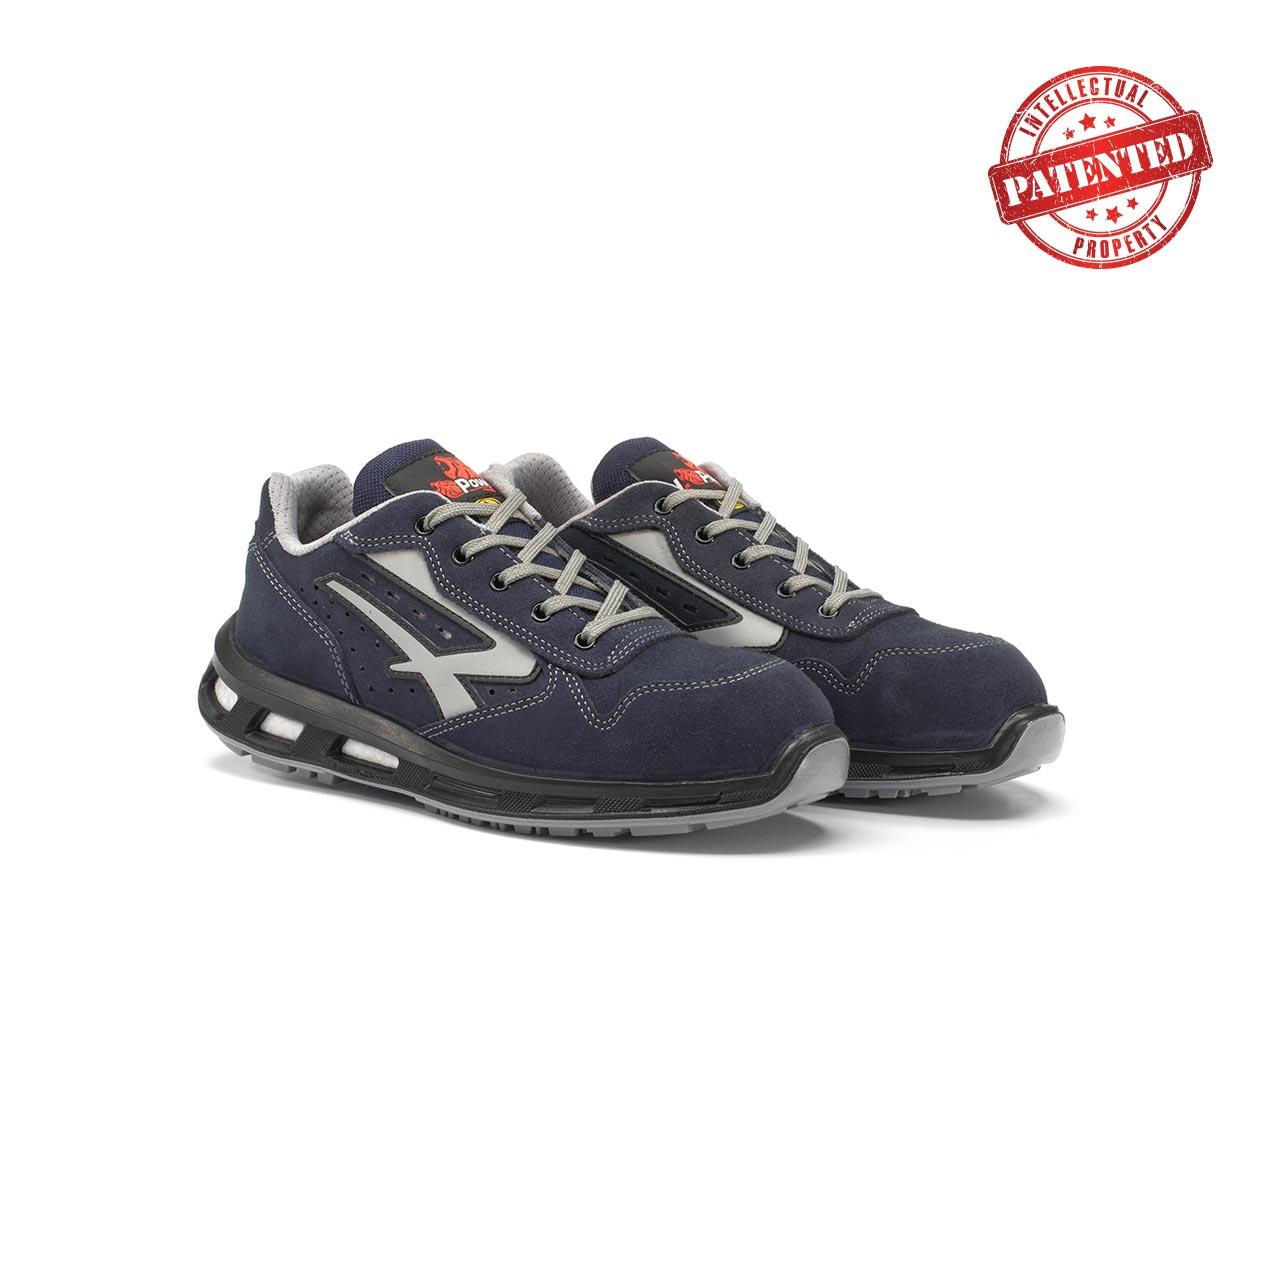 paio di scarpe antinfortunistiche upower modello emotion linea redlion vista prospettica